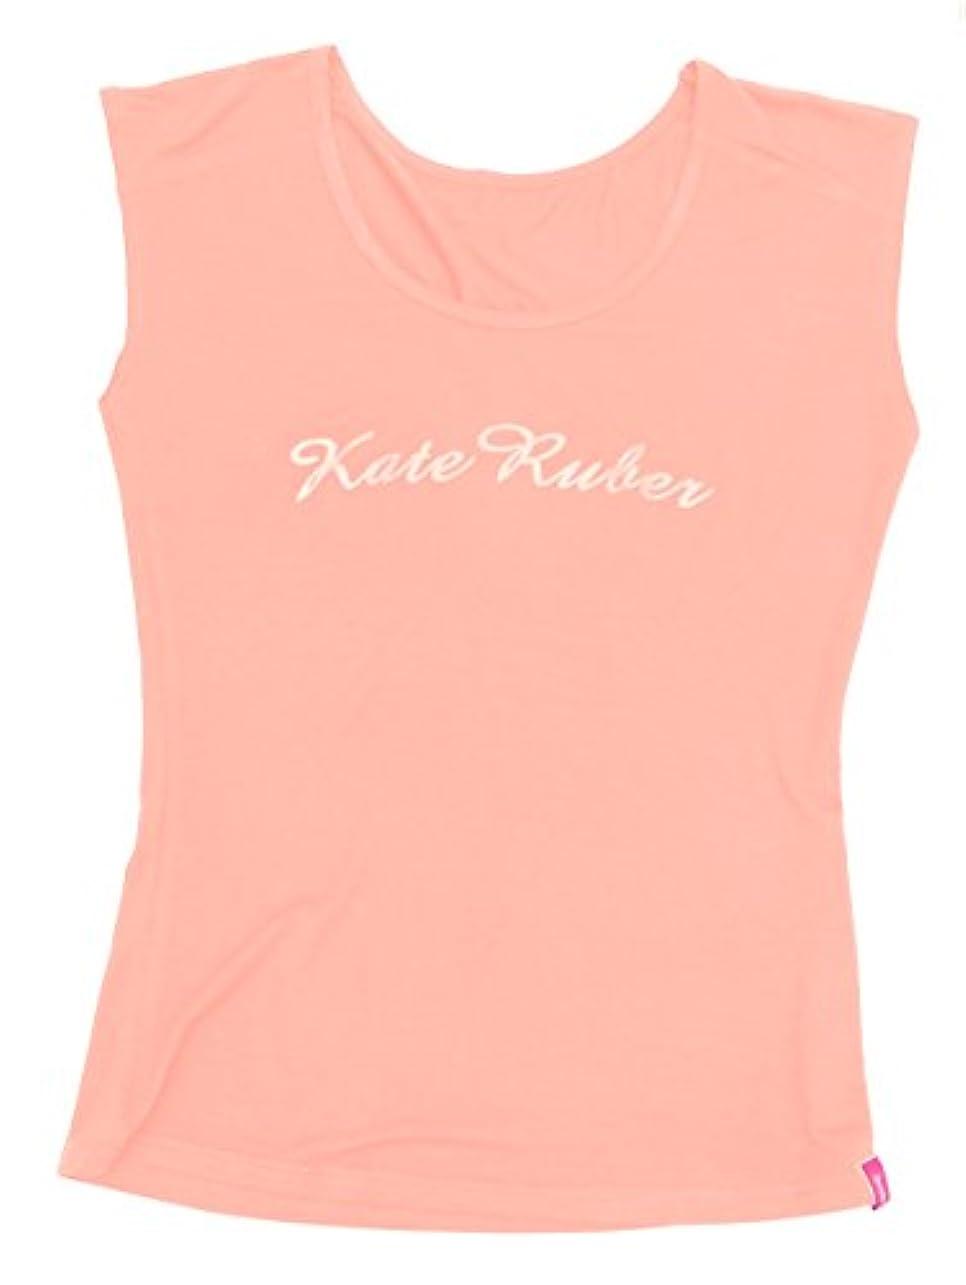 死にかけている動脈差し引くKate Ruber (ケイトルーバー) ヨガTシャツ ピンクM-L